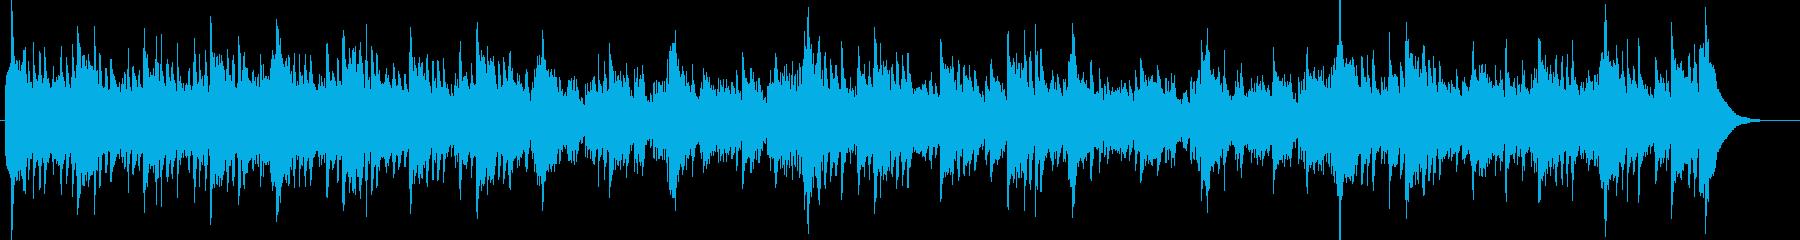 アコギとシタール 60'sラーガフォークの再生済みの波形